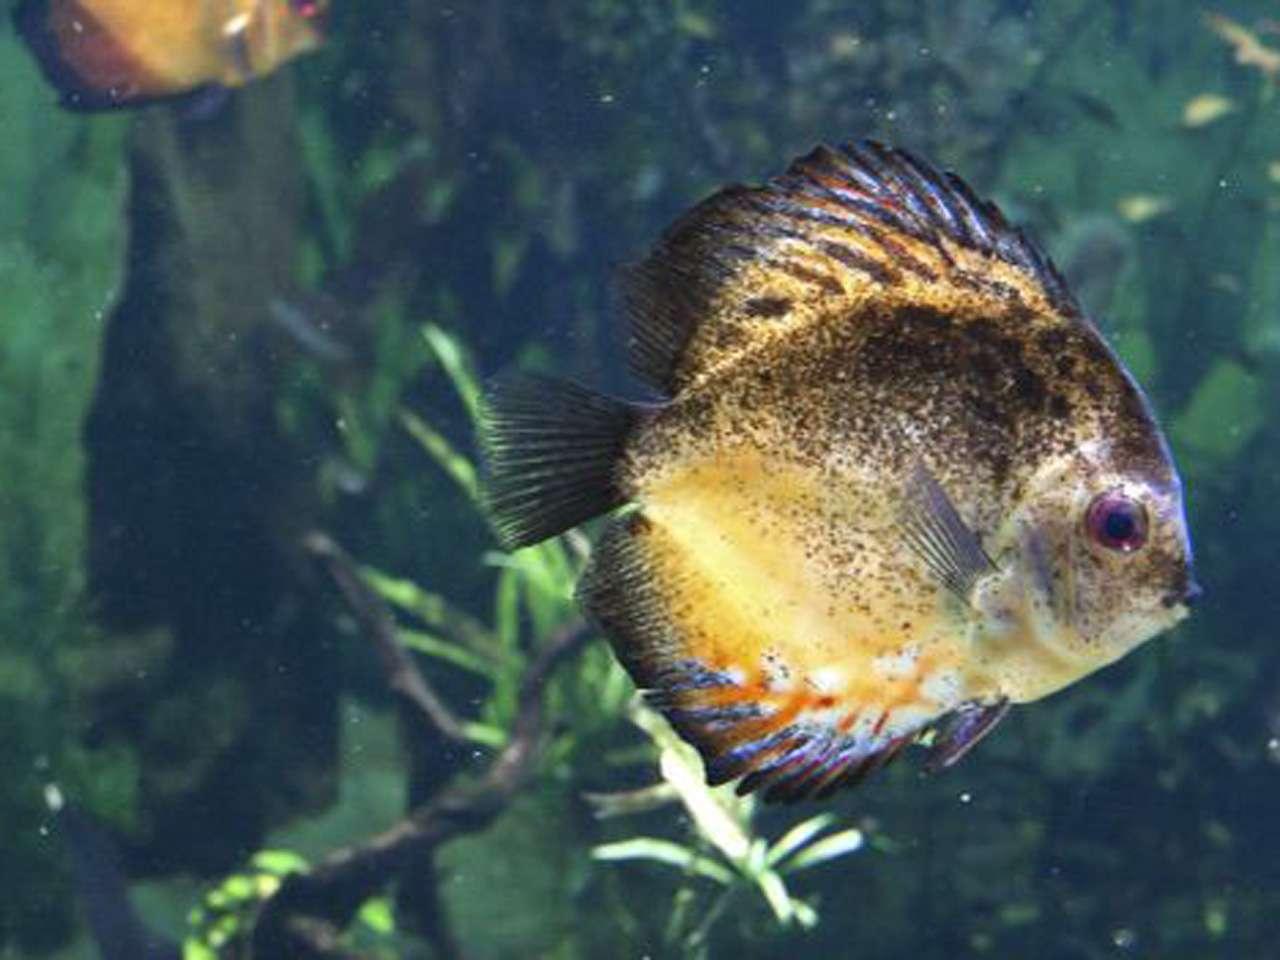 Algunos peces guardan los huevos en su boca y no se alimentan hasta que nacen sus crías Foto: Thinkstock